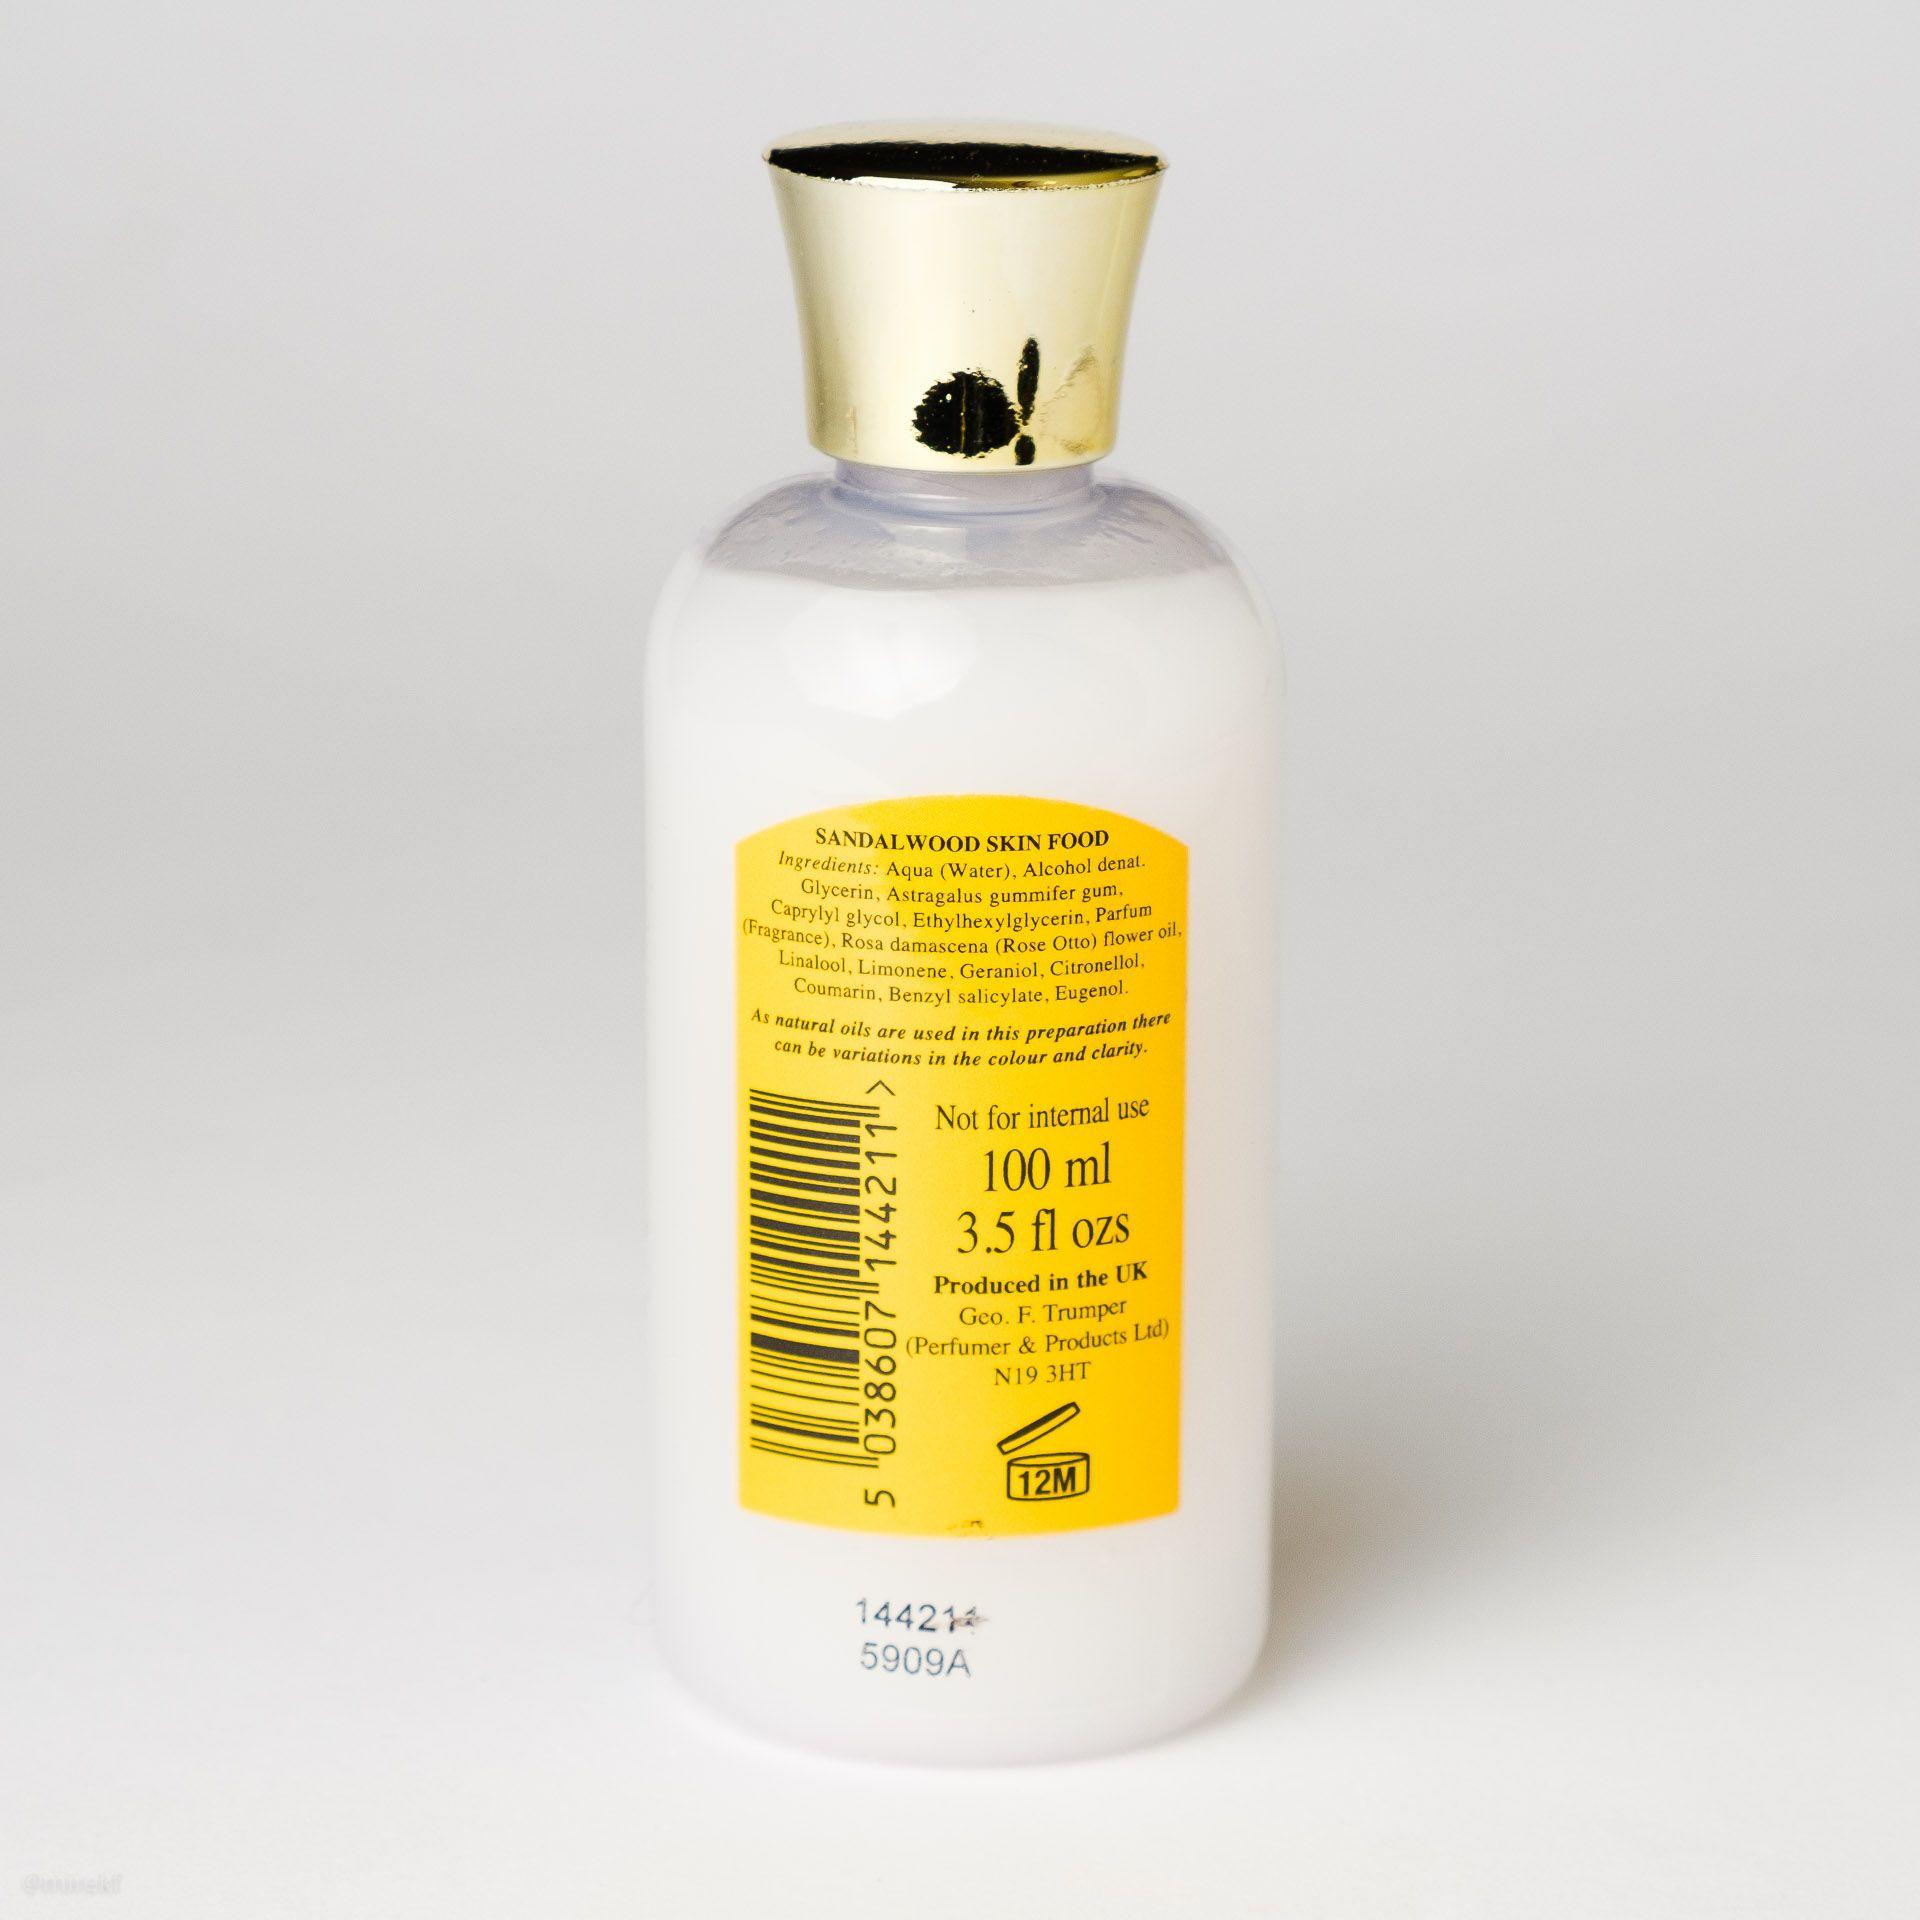 Geo. F. Trumper Sandalwood Skin Food Ingredients